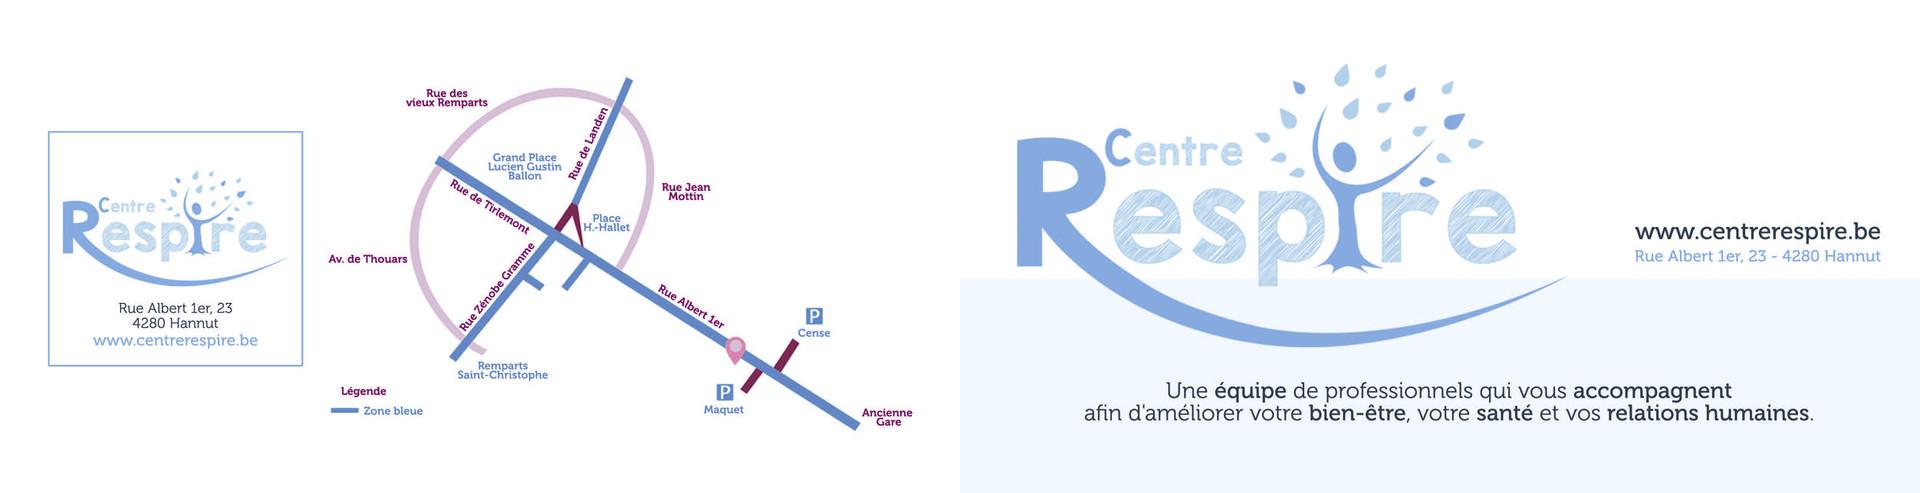 Centre Respire - mise en page dépliant